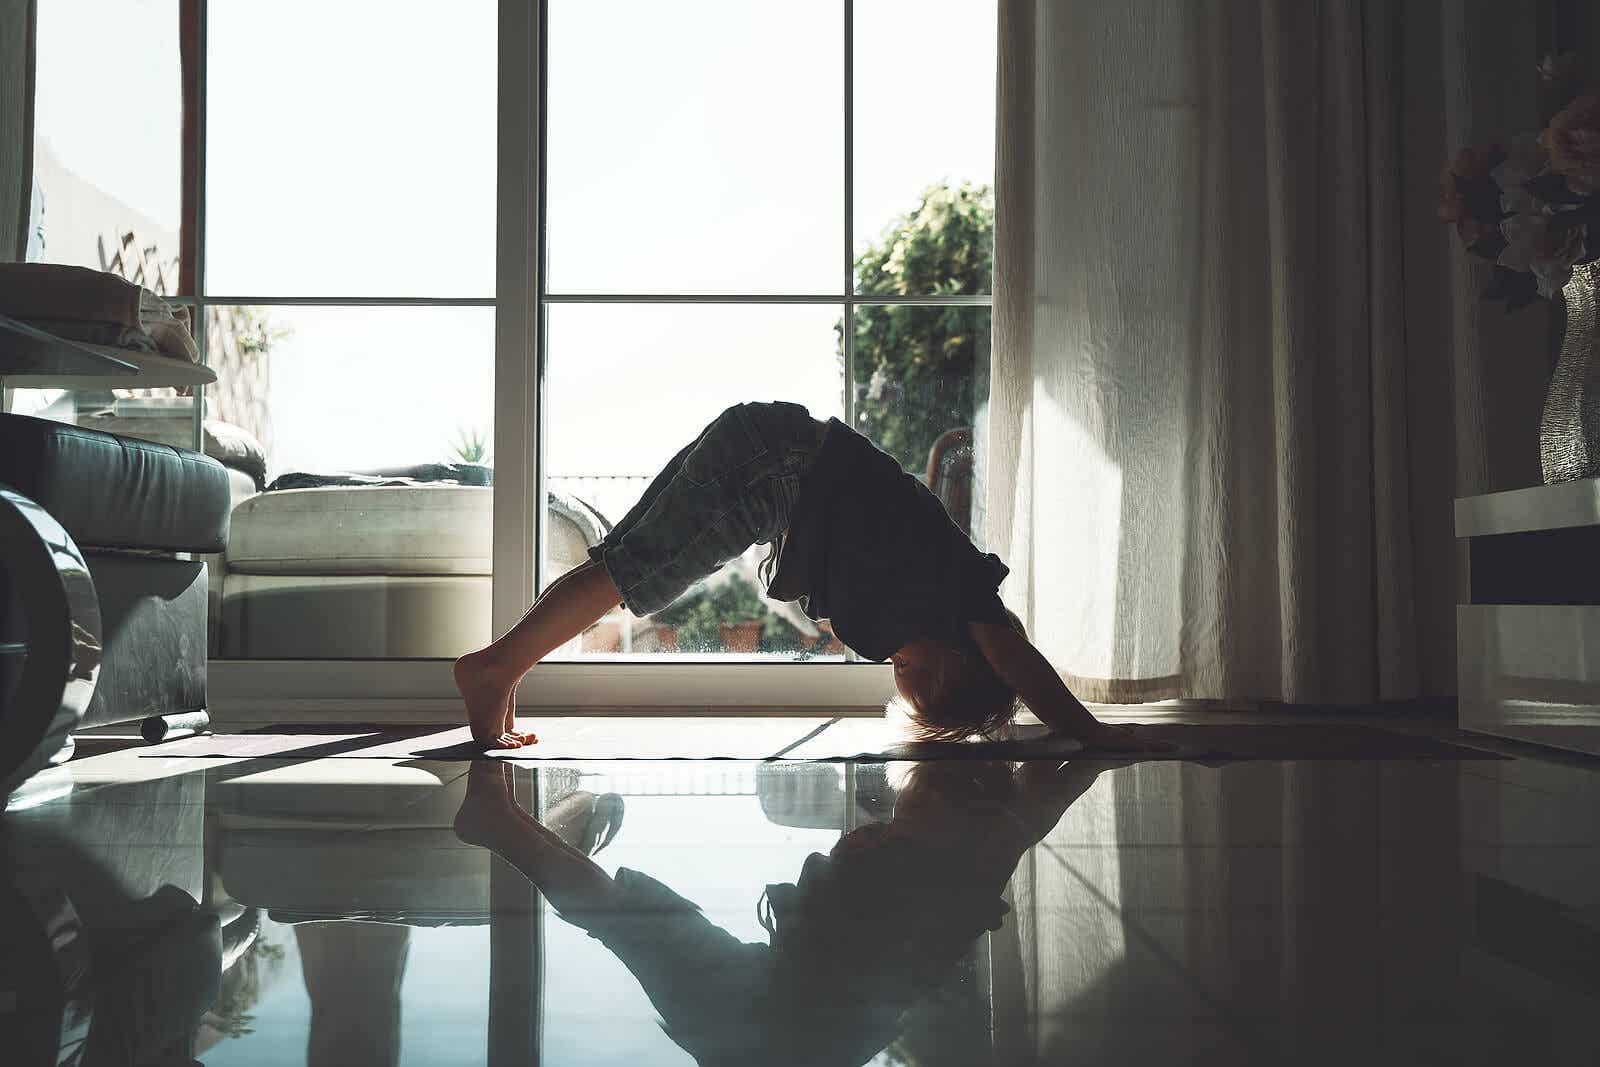 Et lille barn, der dyrker yoga